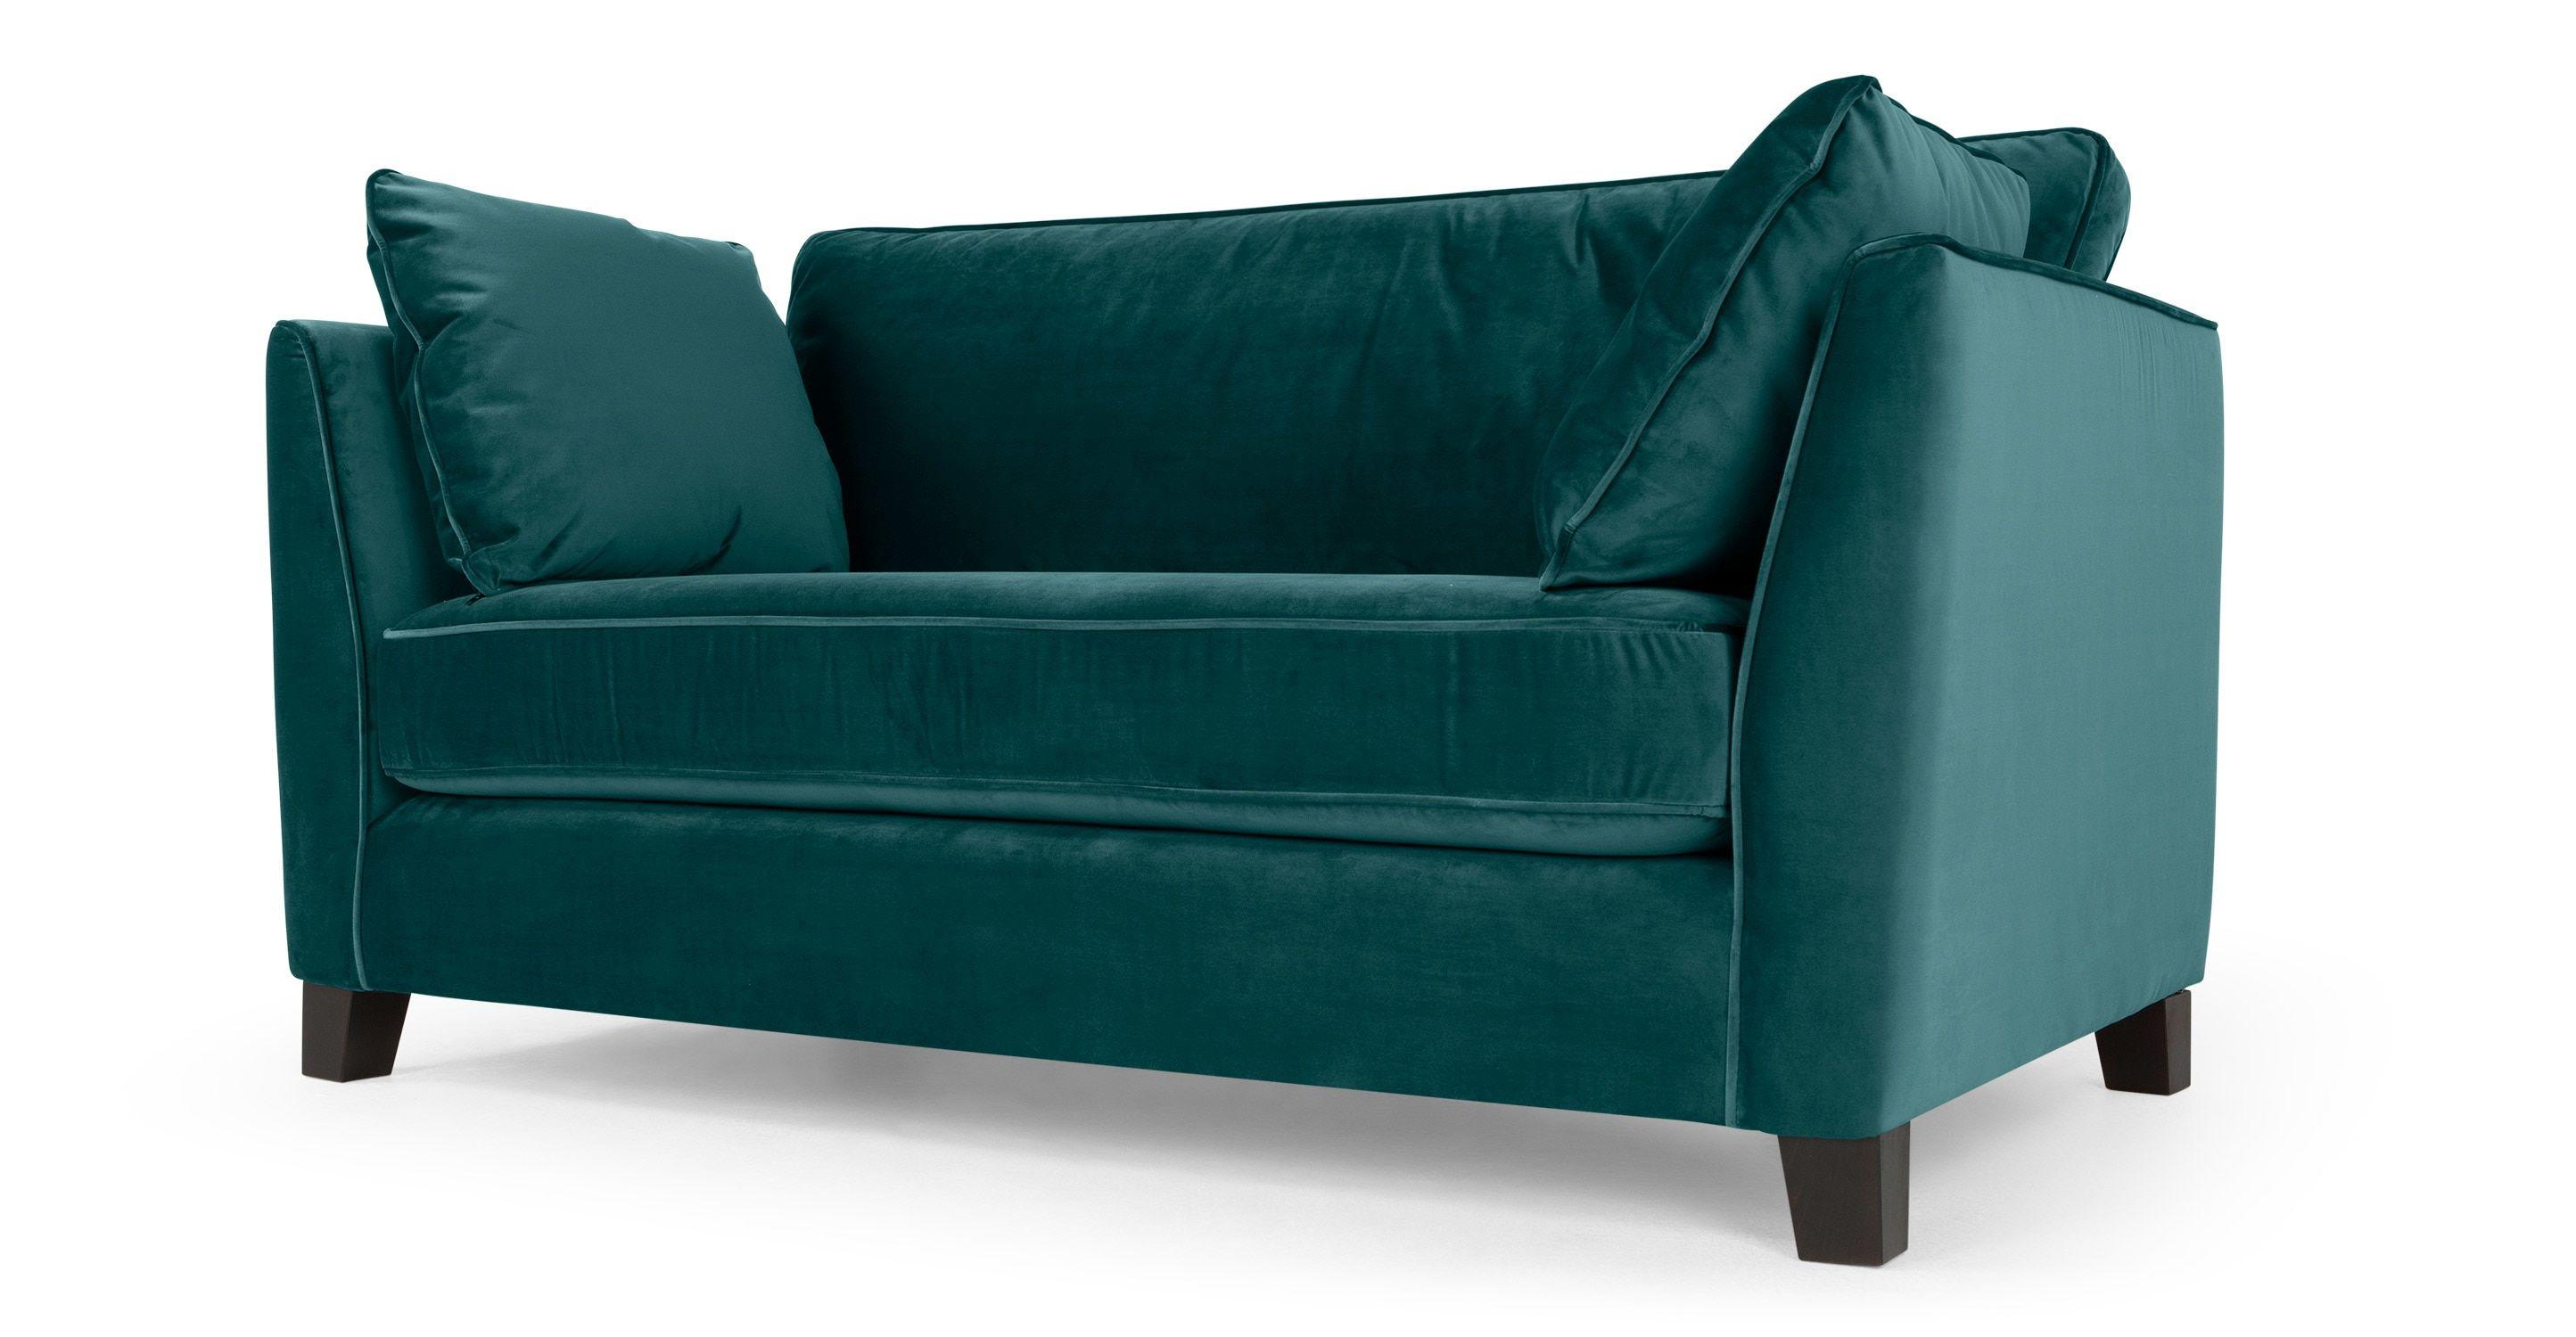 Wolseley 2 Seater Sofa, Peacock Blue Velvet